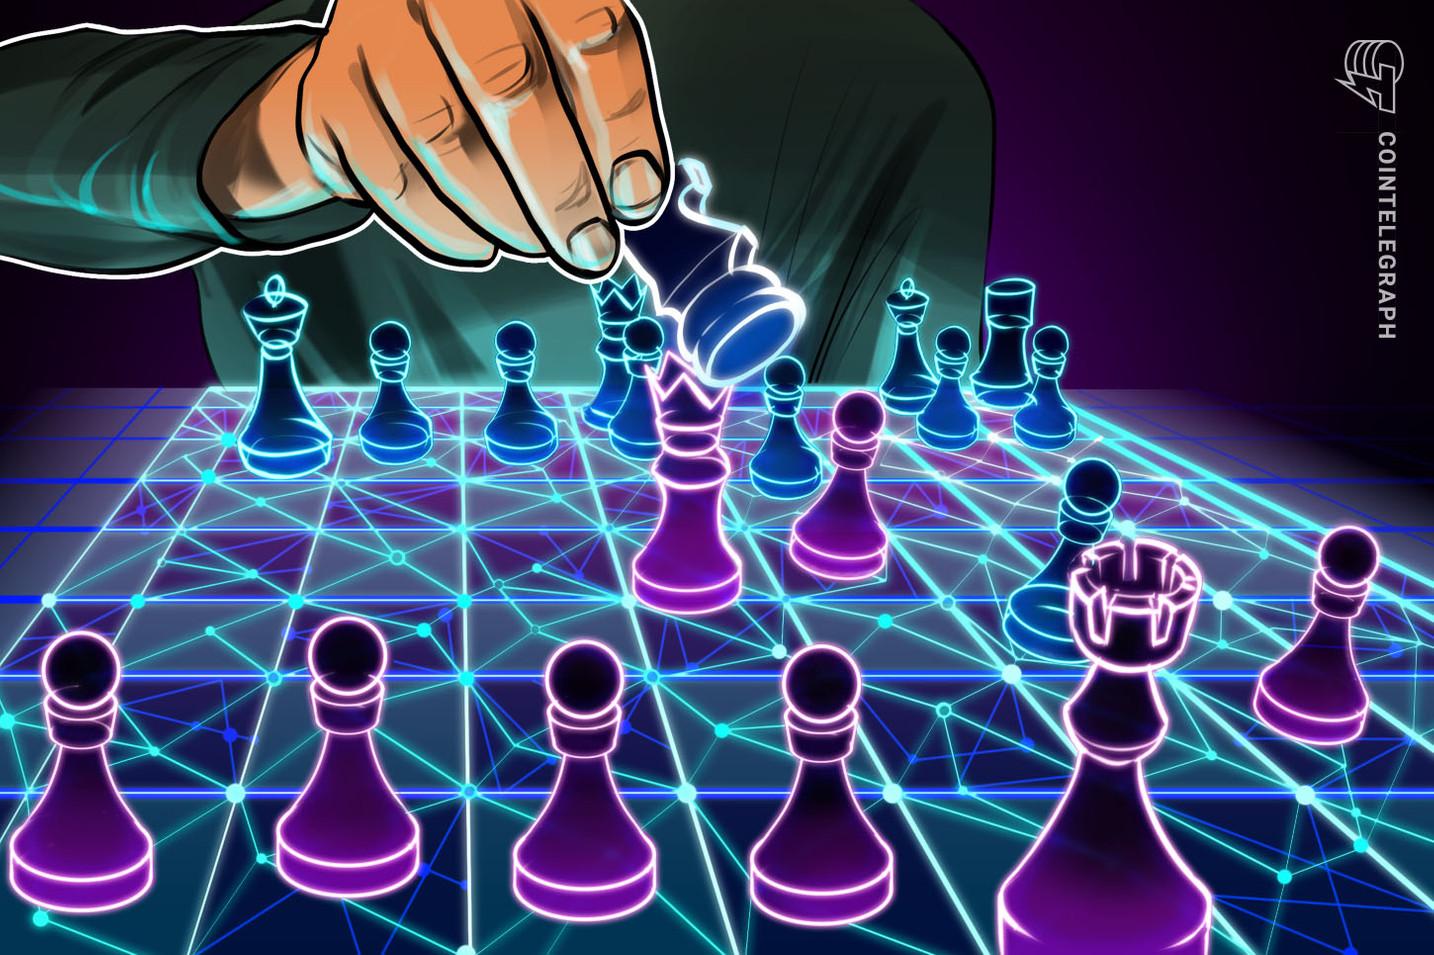 """La tokenización es el centro de la """"guerra de formatos"""" del dinero digital, afirma un ejecutivo de Citibank"""